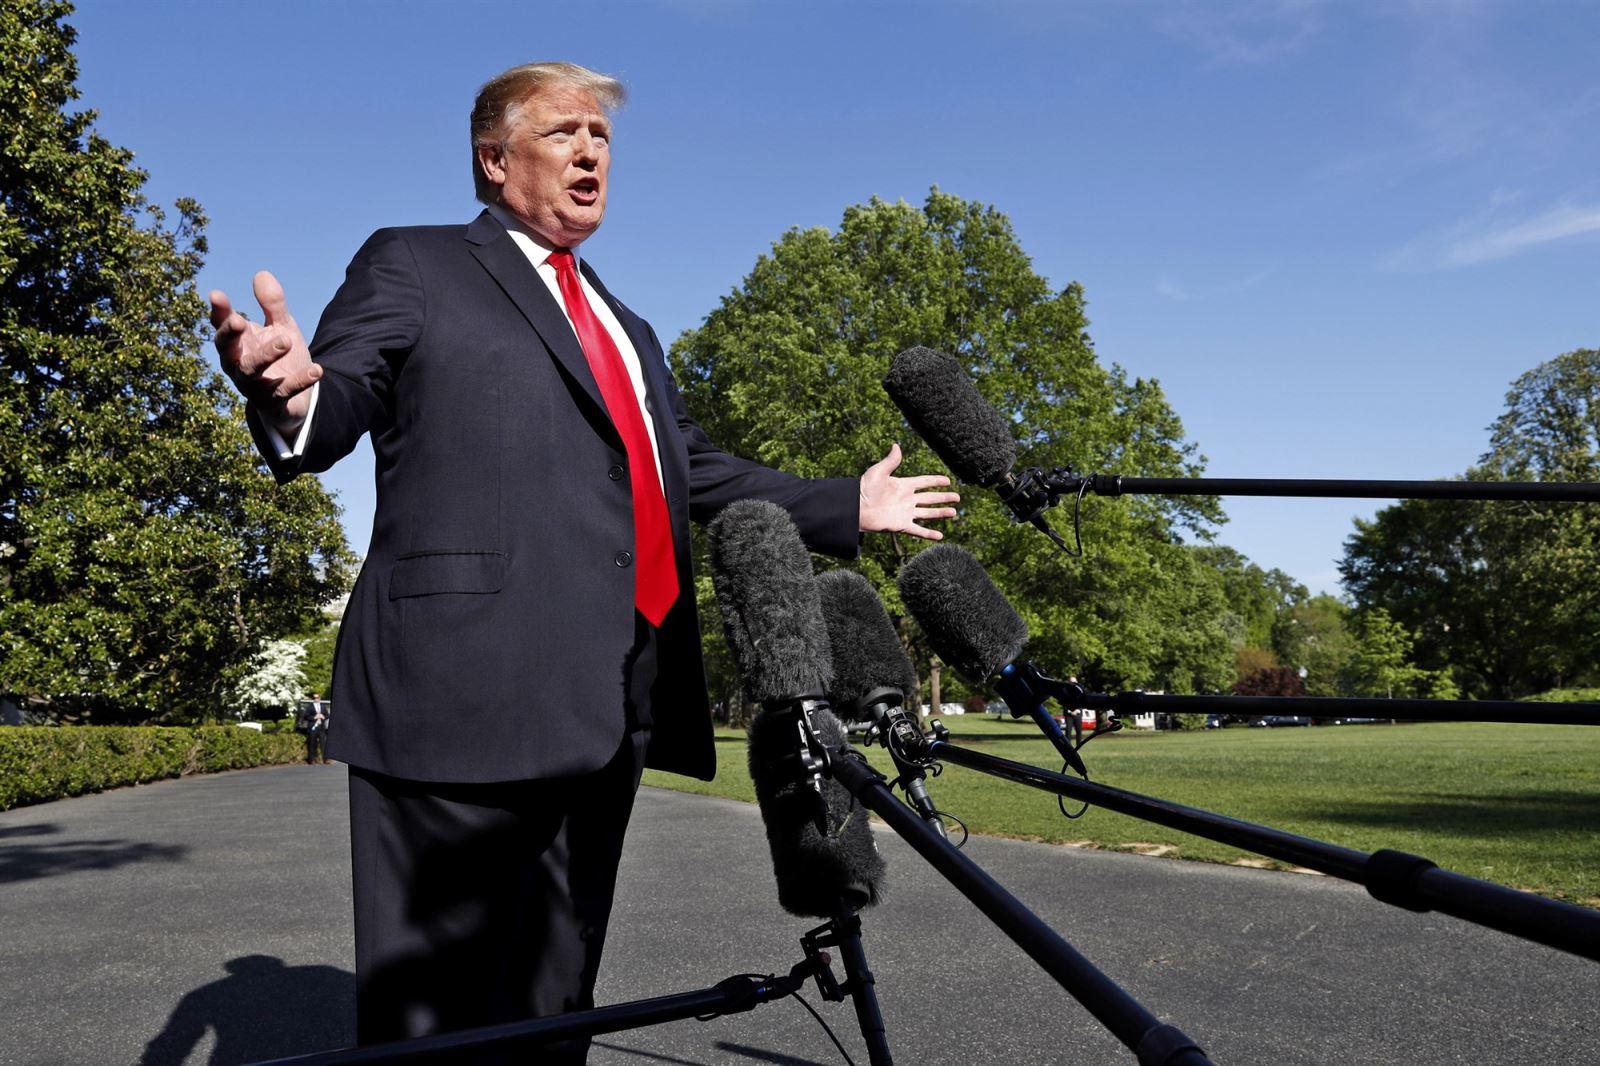 Tổng thống Donald Trump phát biểu với báo giới tại Nhà Trắng. Ảnh: CBS News.